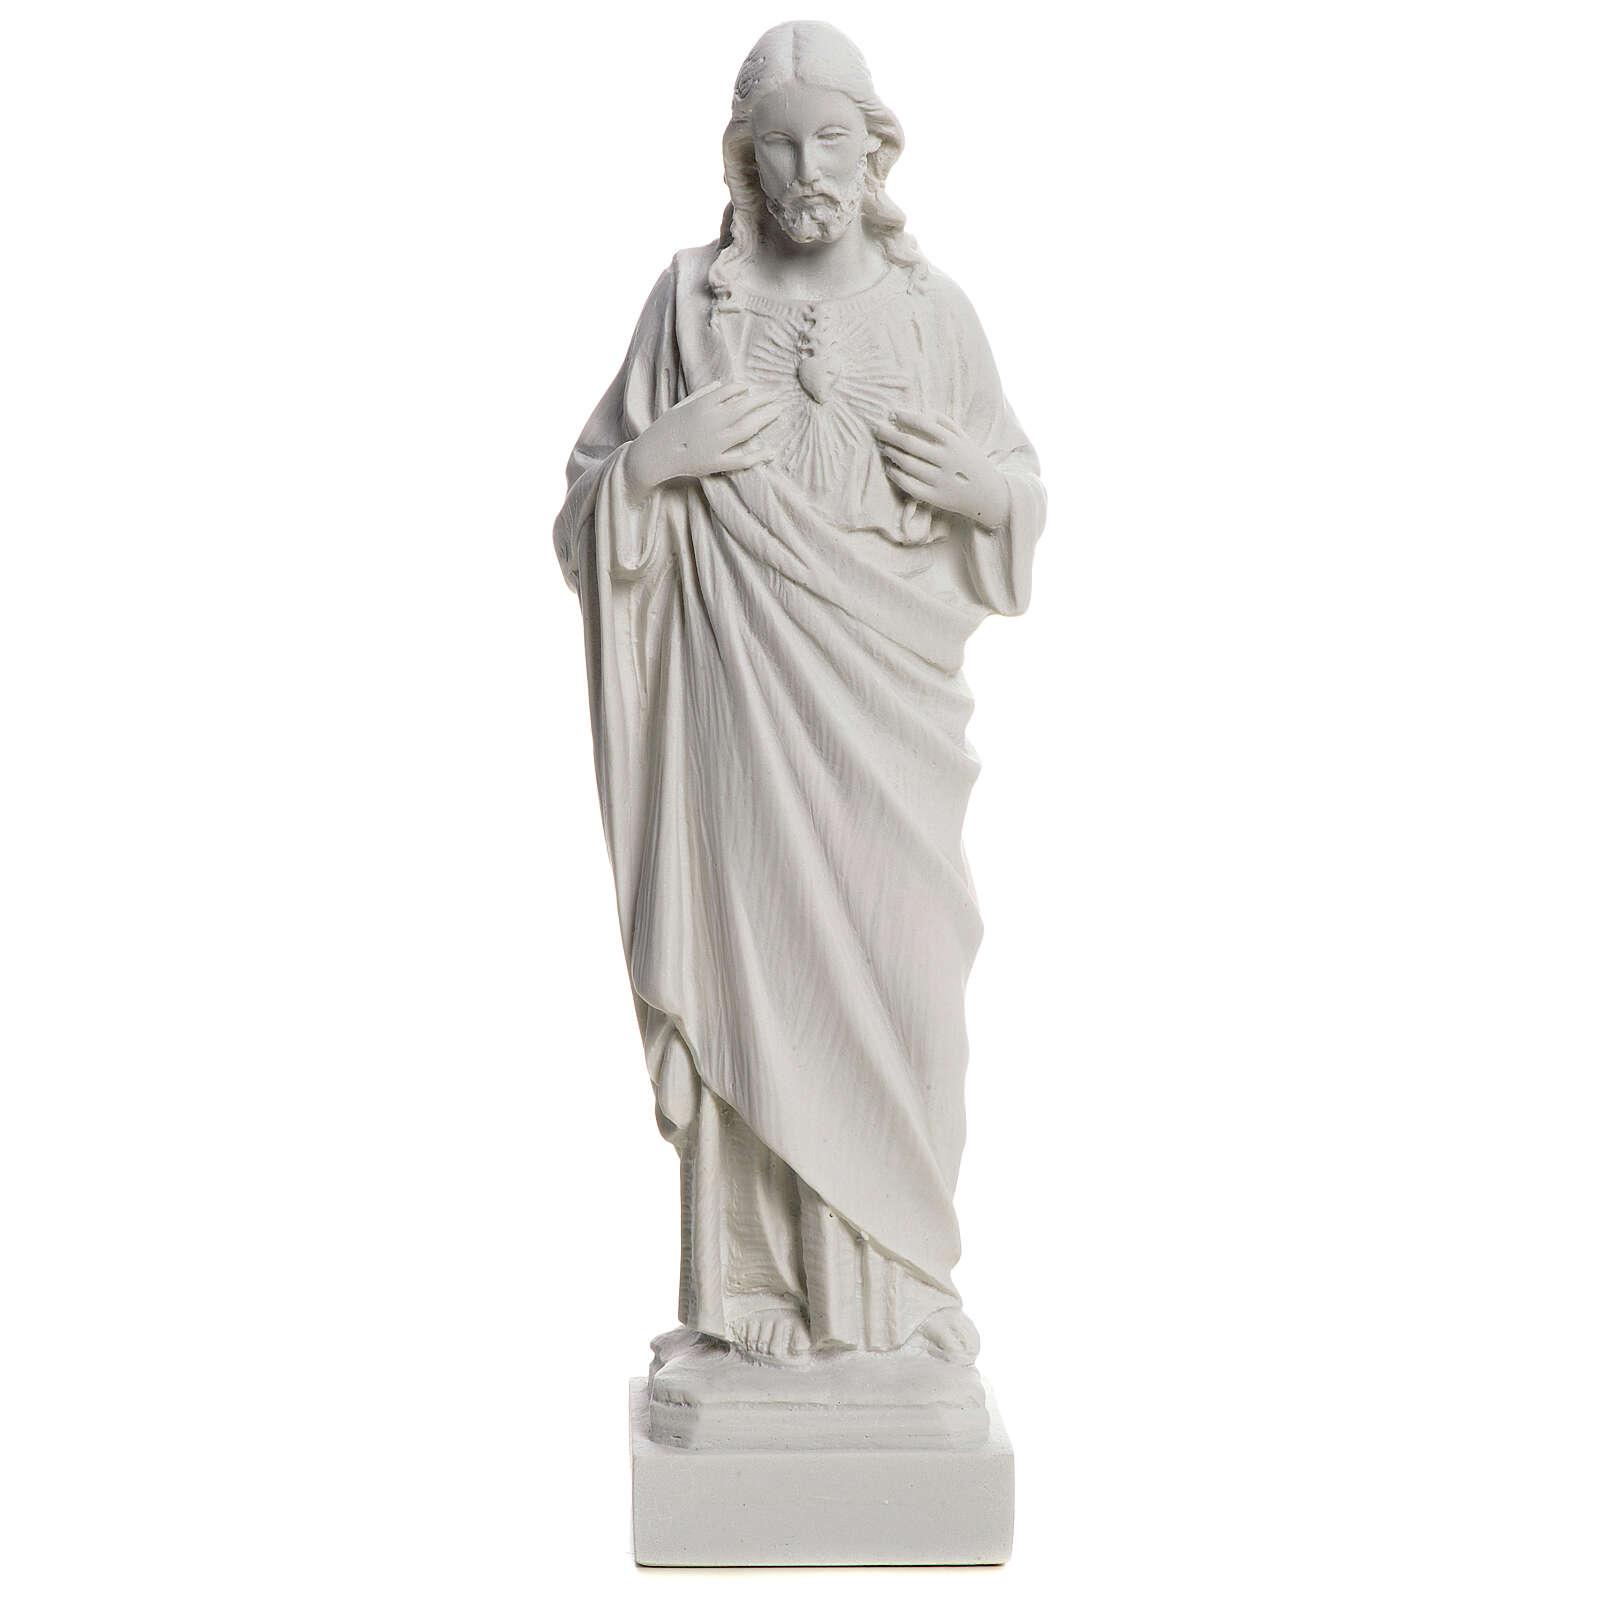 Najświętsze Serce Jezusa z proszku marmurowego 20-25 cm 4